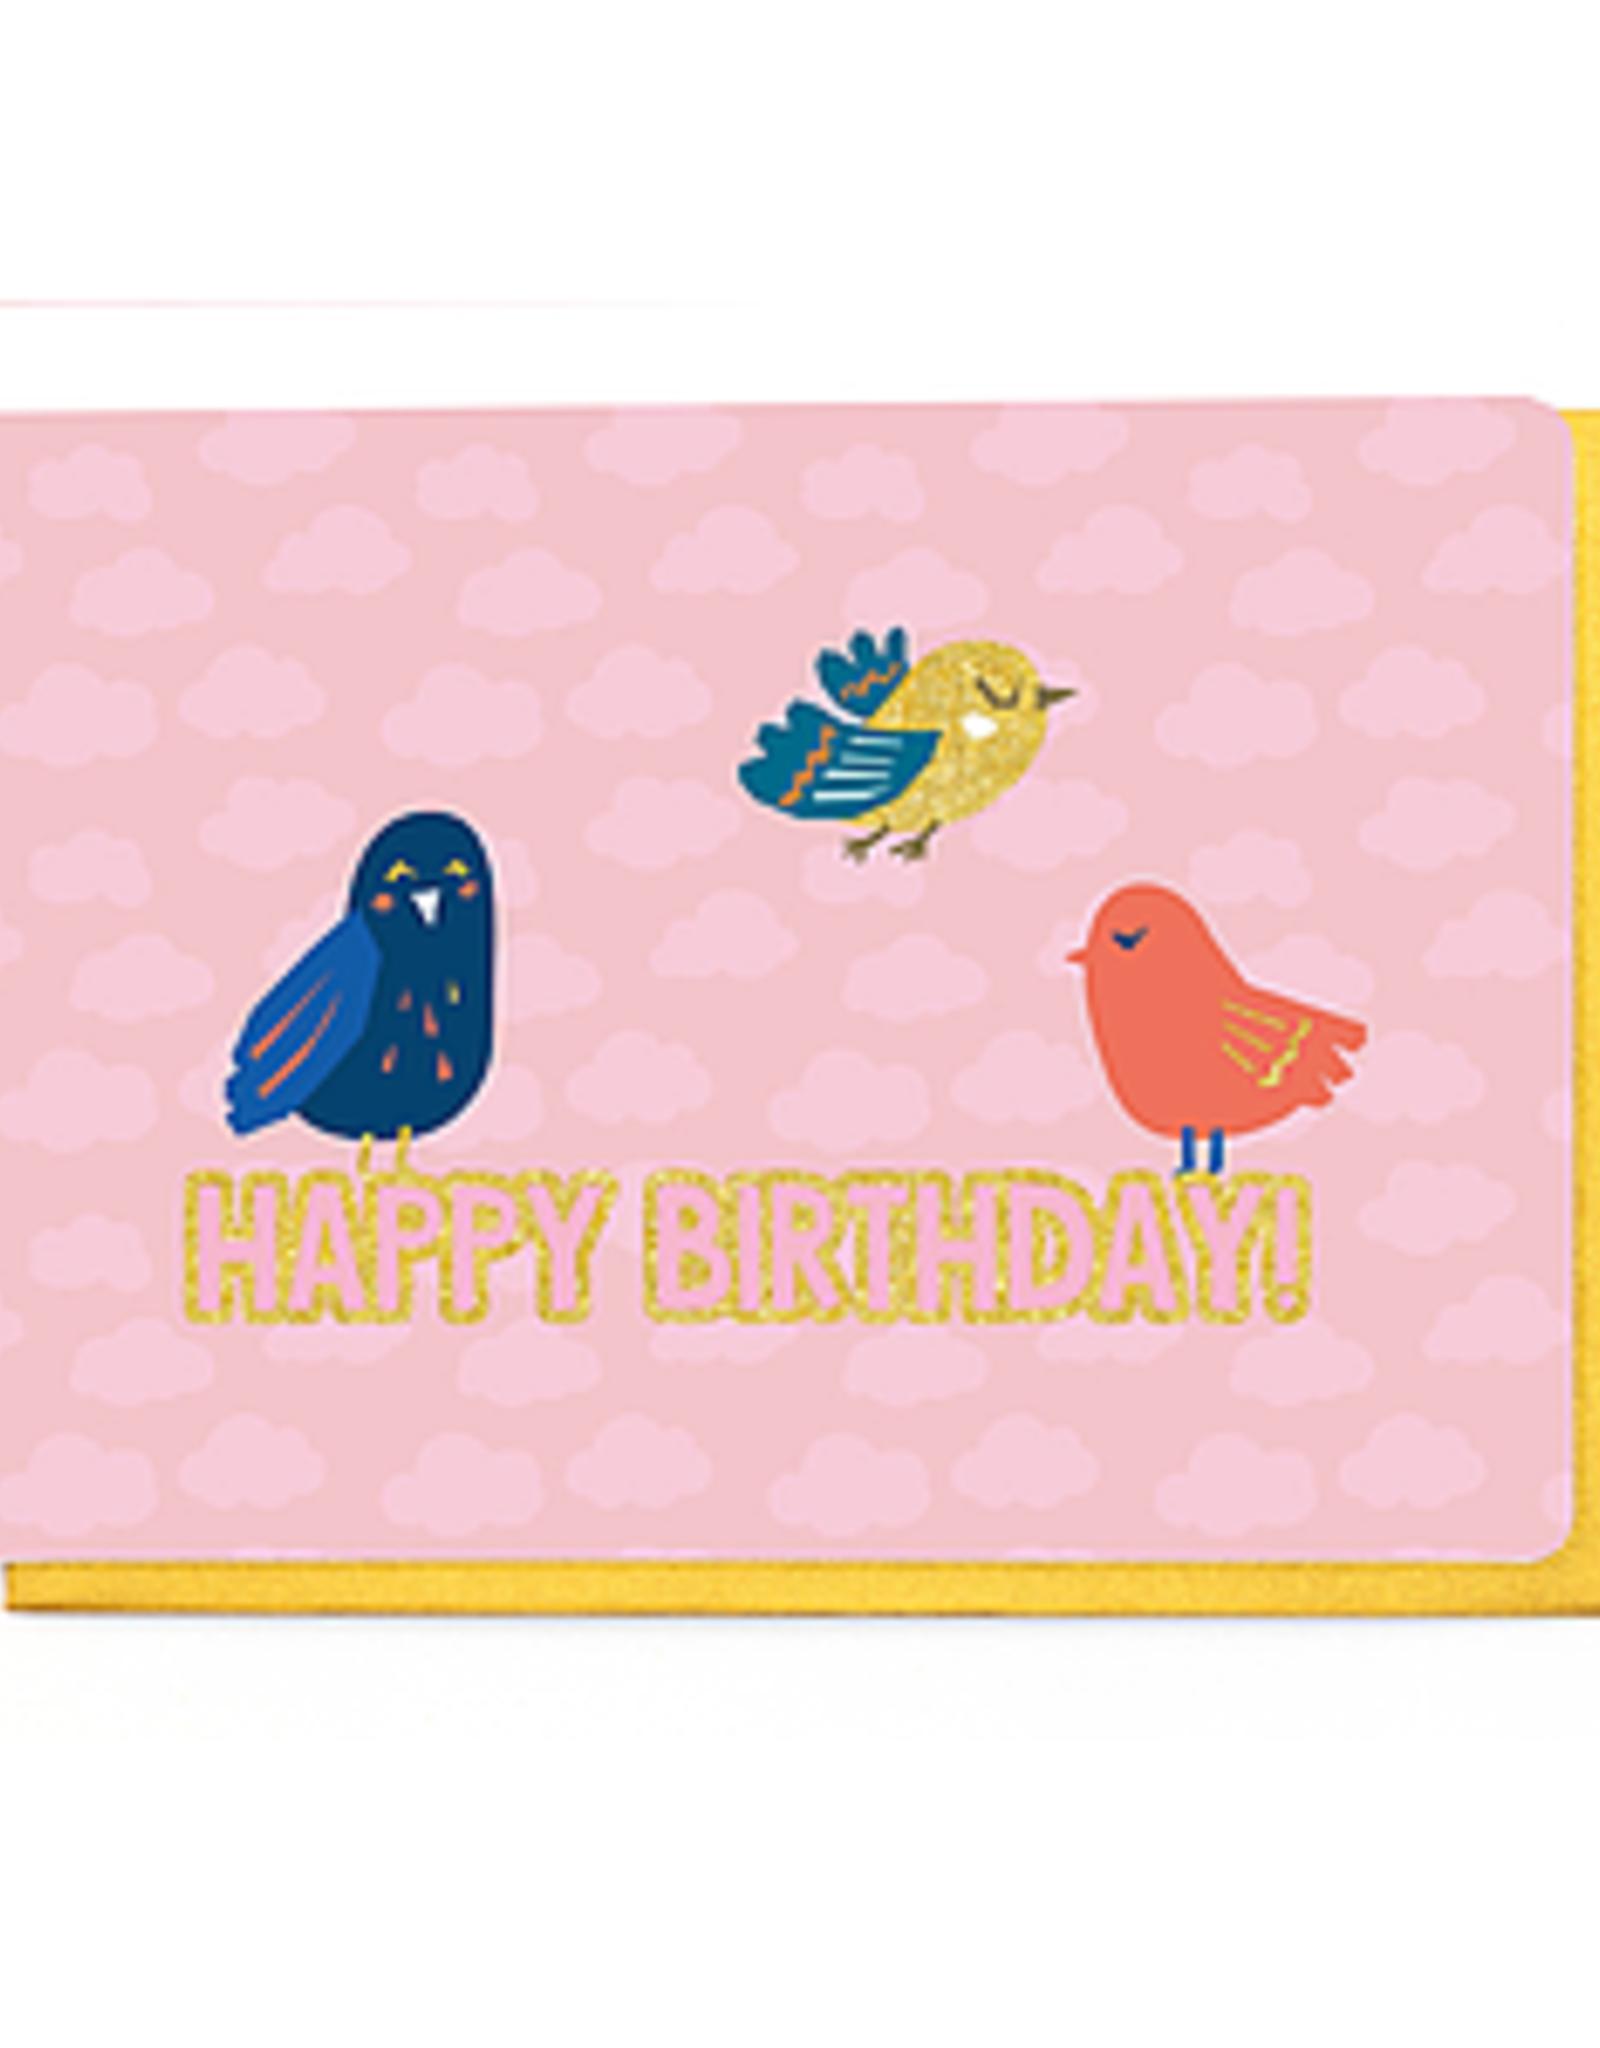 Enfant Terrible Dubbele wenskaart Enfant terrible: Happy birthday vogels